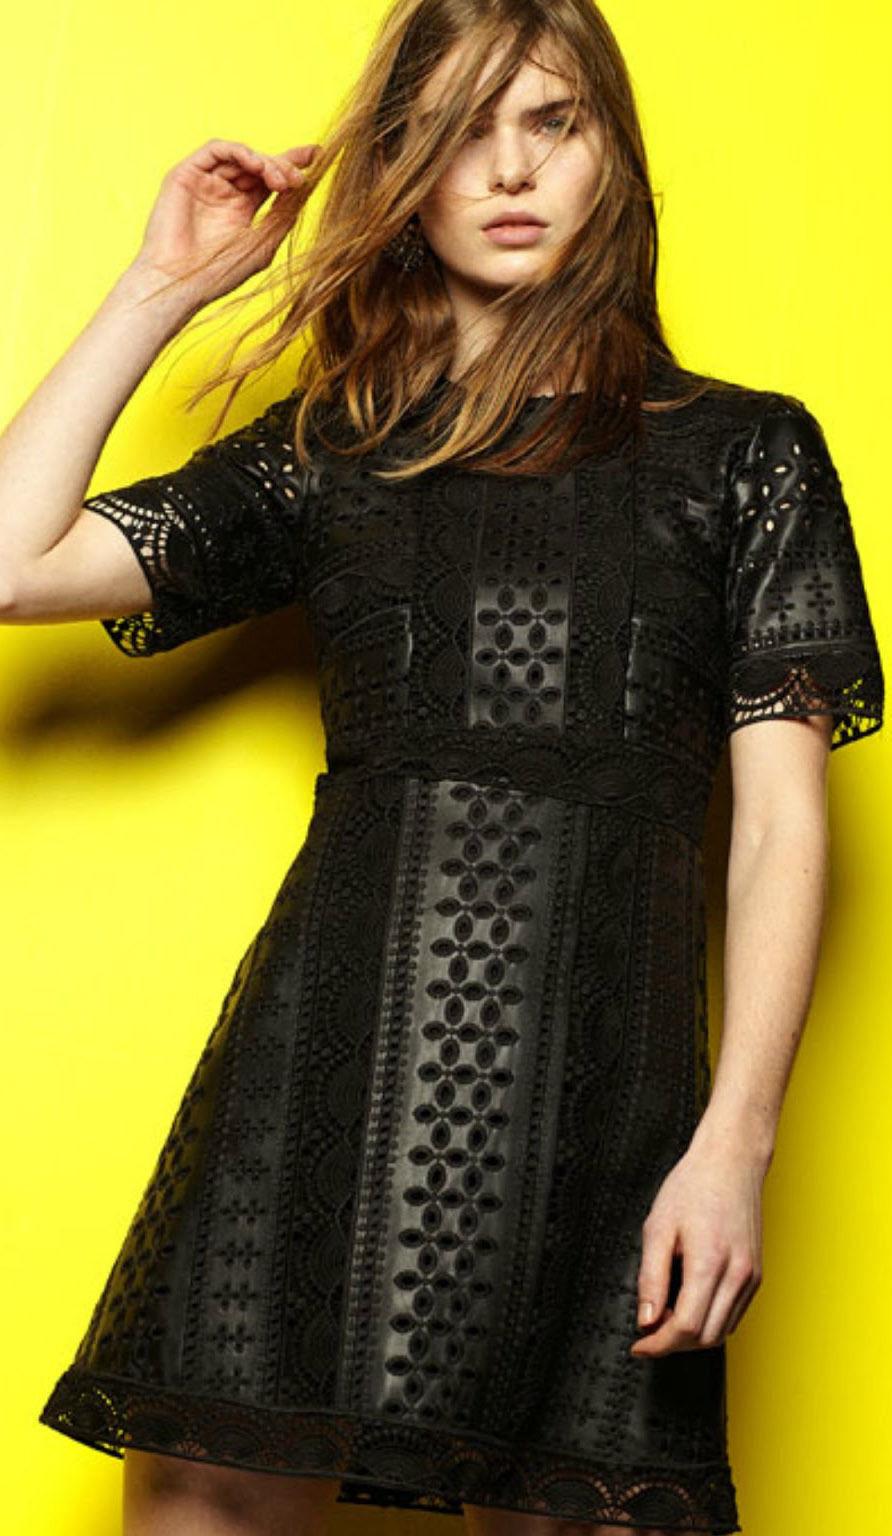 Brodé Noir Crochet En Cuir Synthétique Coupe travail Robe Par ZARA taille L